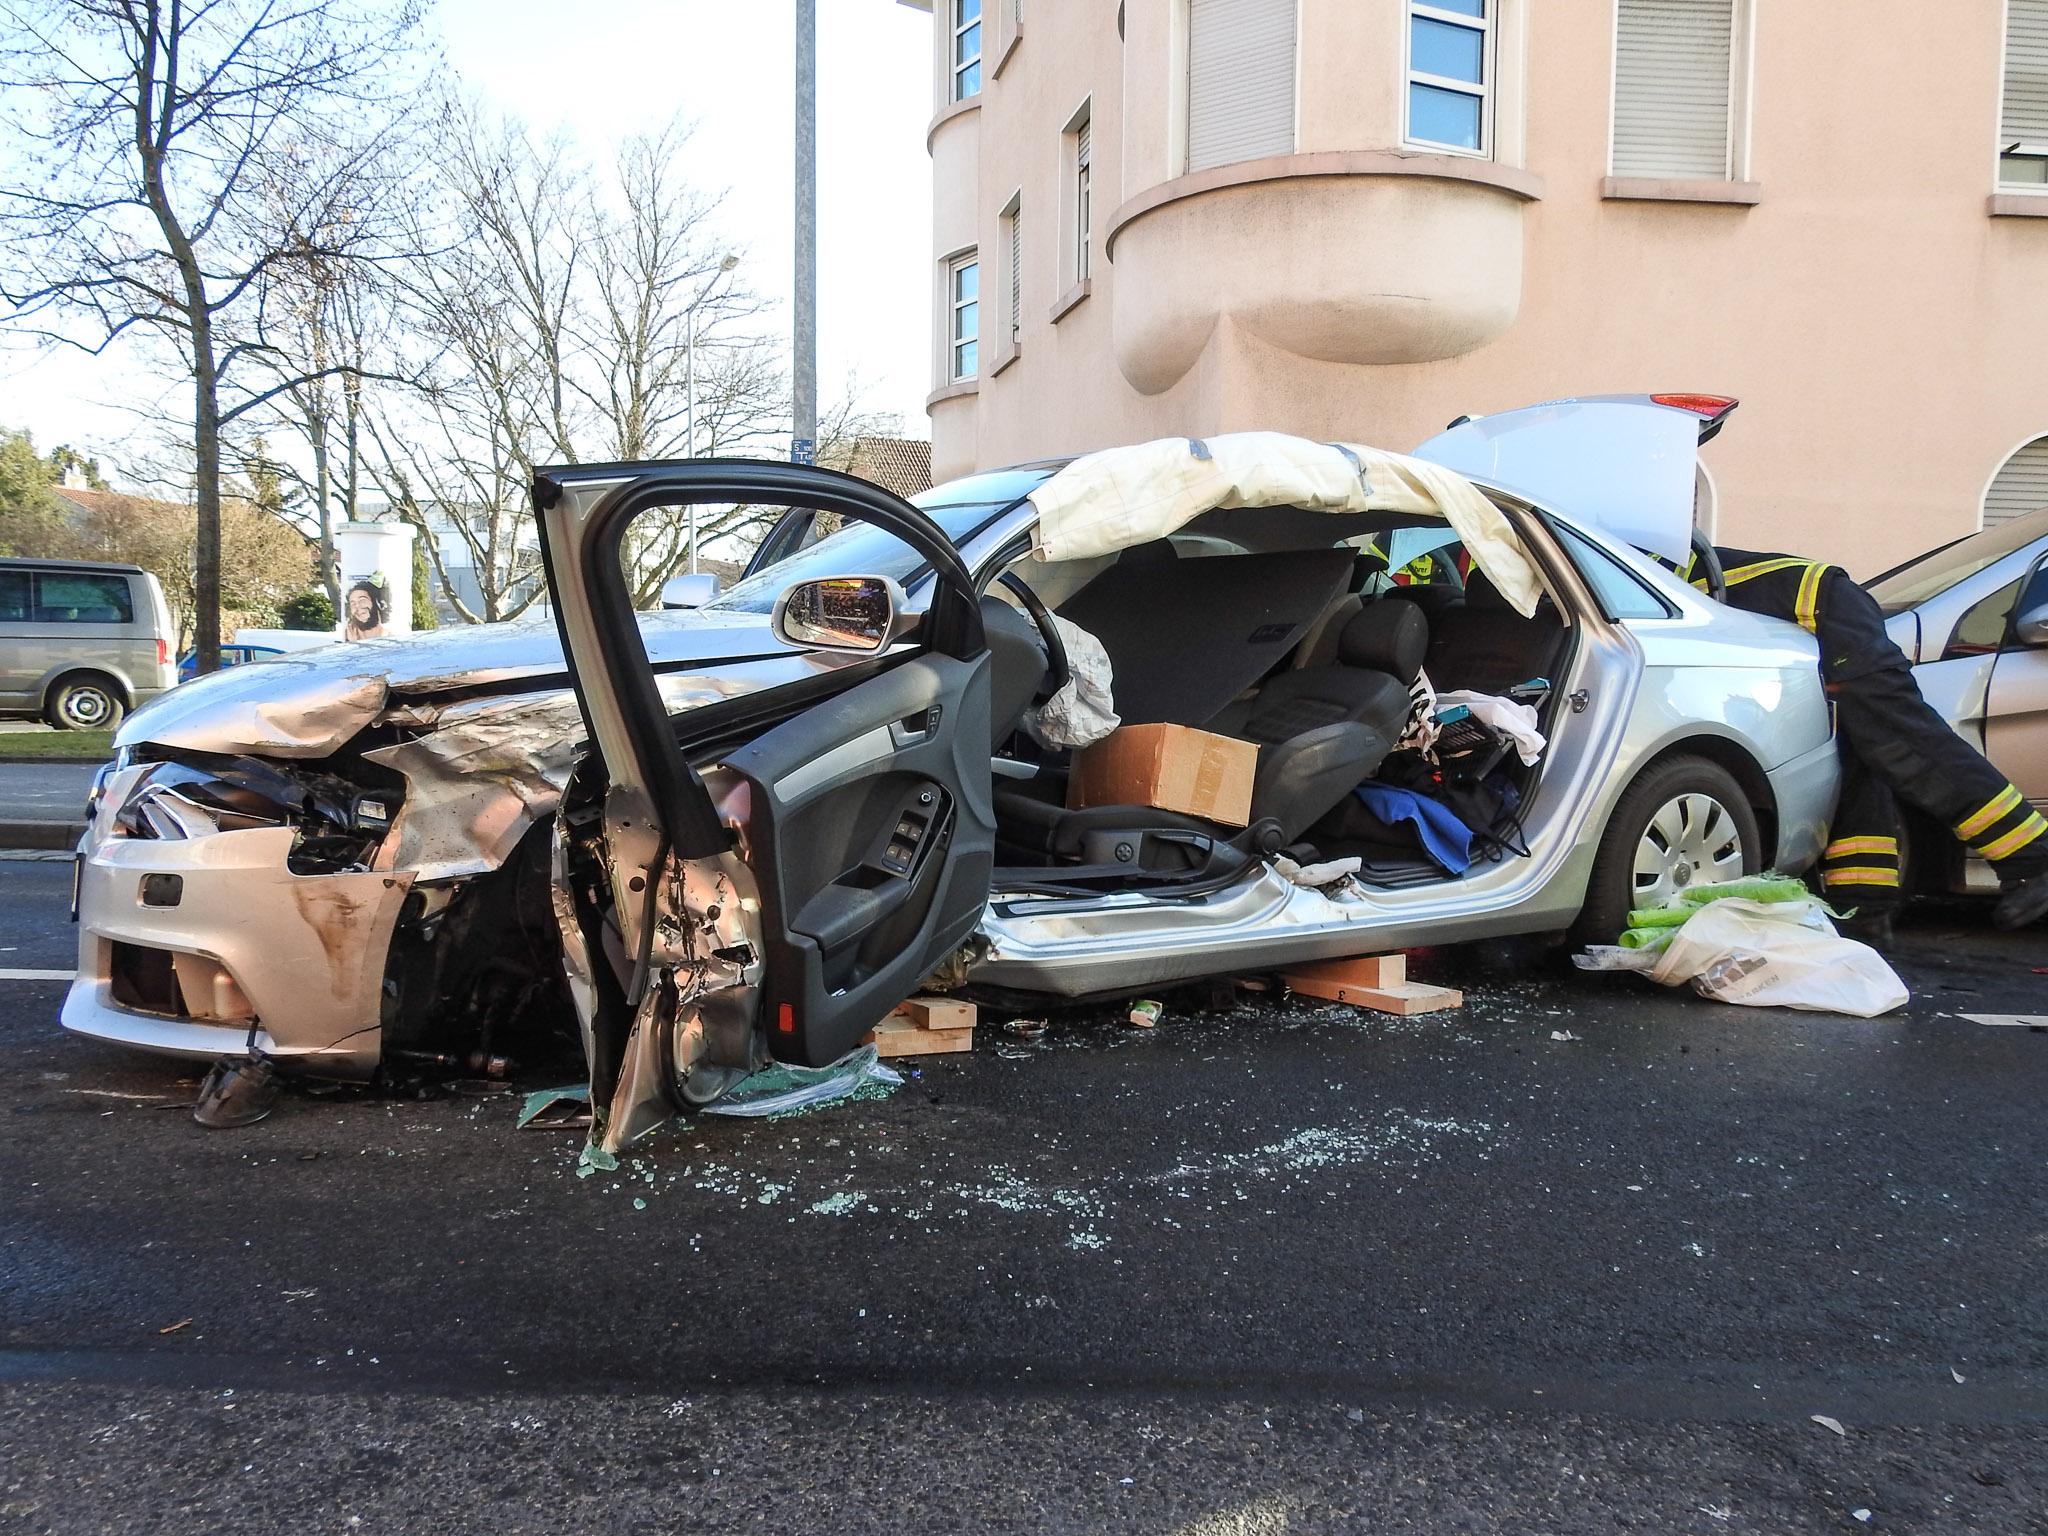 Der Fahrer in dem Audi wurde eingeklemmt und schwer verletzt. Foto: Dirk Flieger